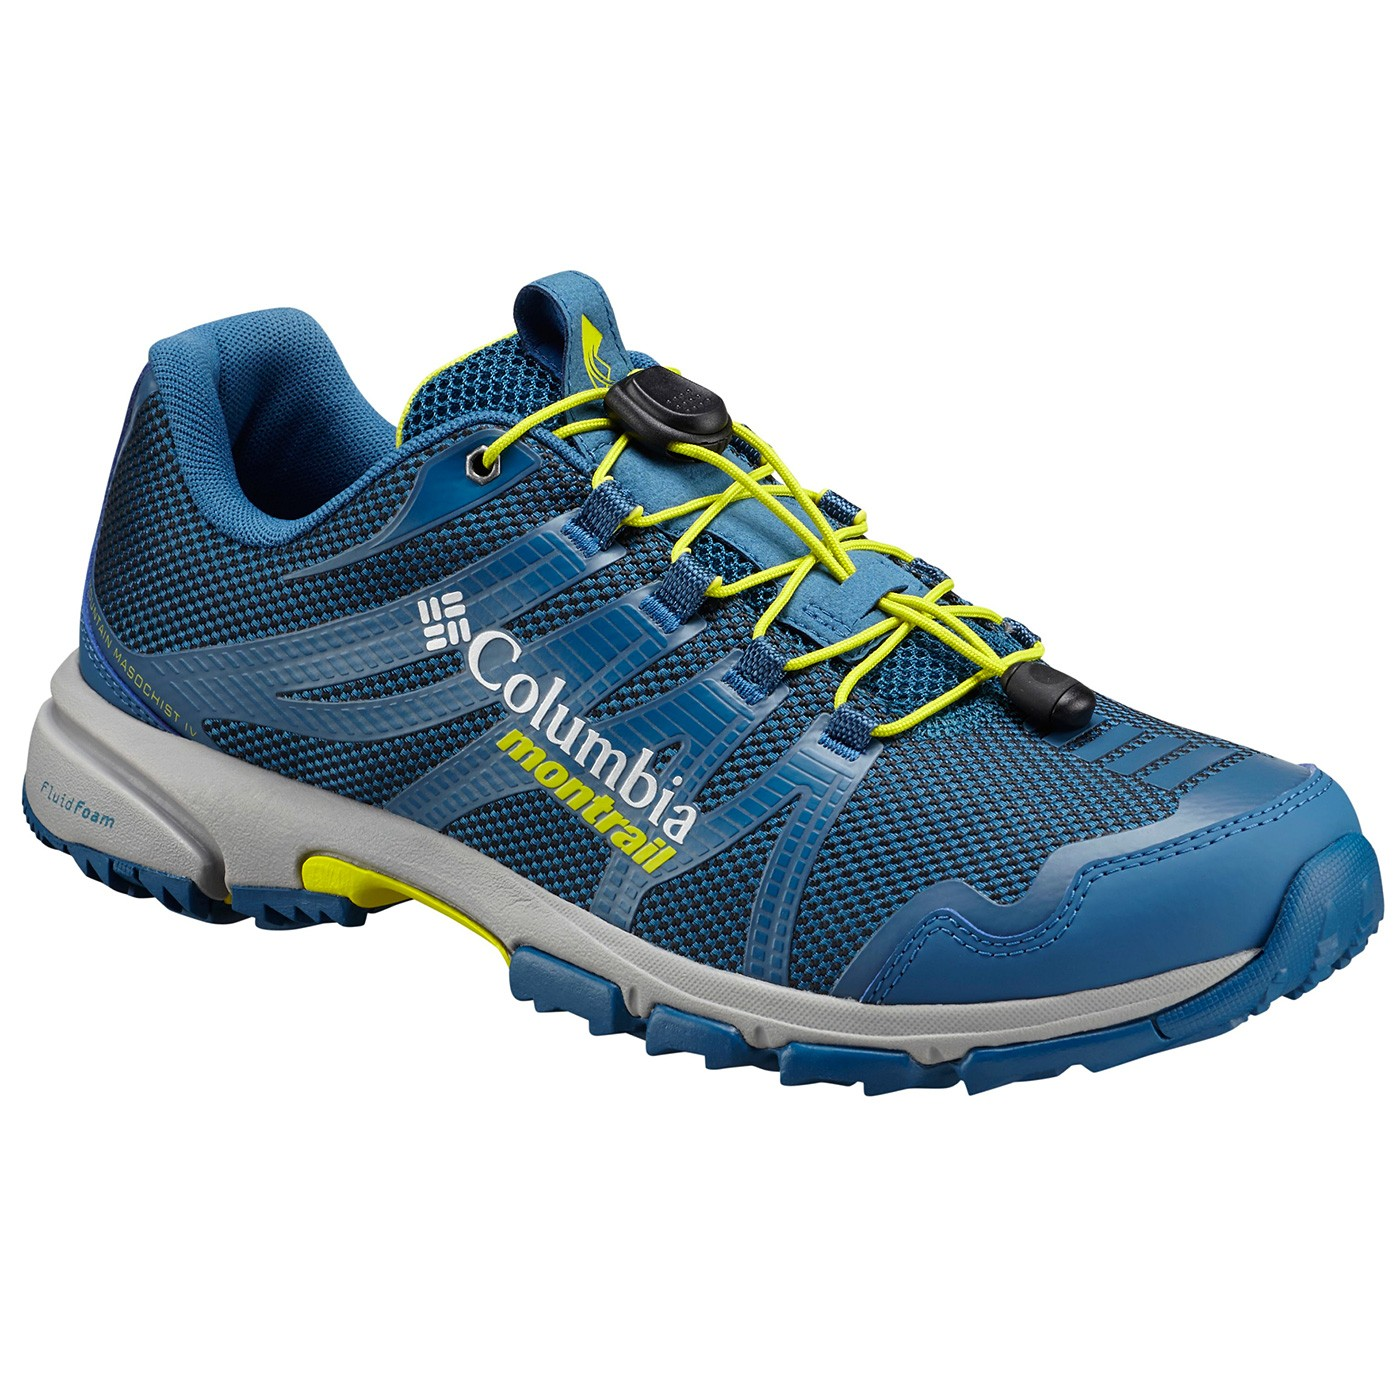 speciale per scarpa ultime tendenze 60% economico Scarpe trail running Columbia Mountain Masochist IV Uomo blu